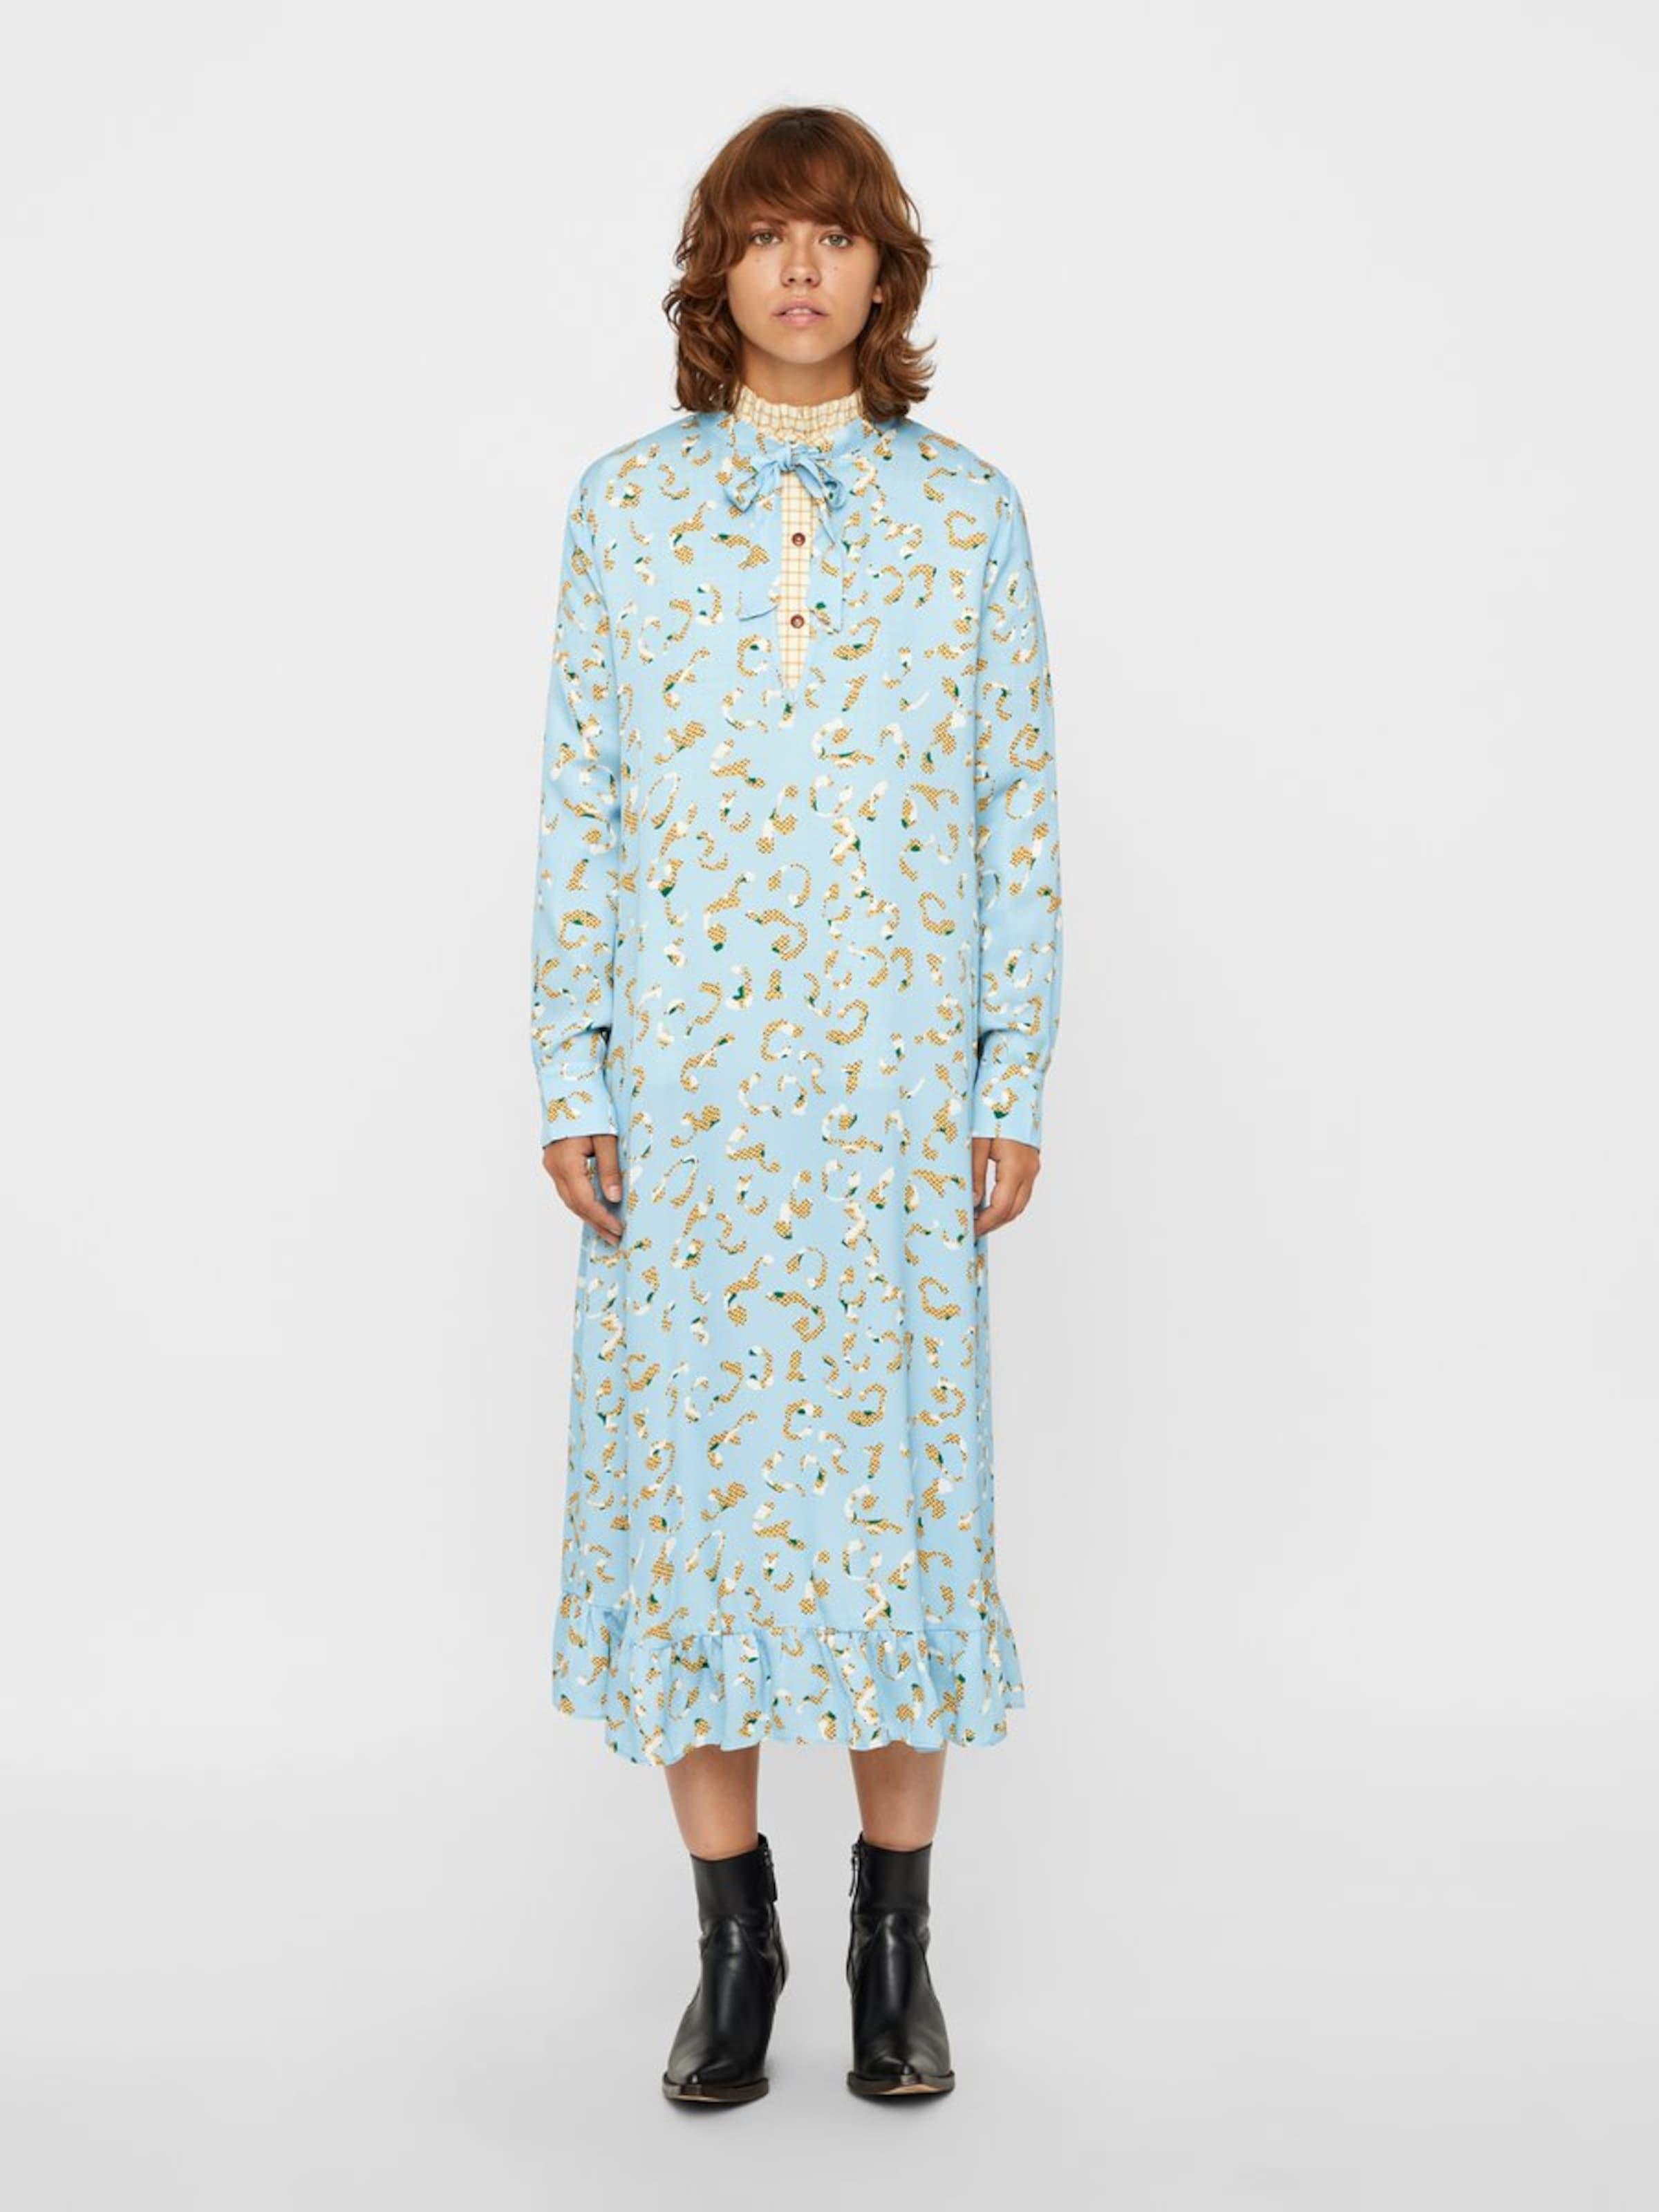 In Kleid Kleid Postyr HellblauGelb HellblauGelb Kleid In Postyr Postyr In Weiß Weiß nX8O0Pkw